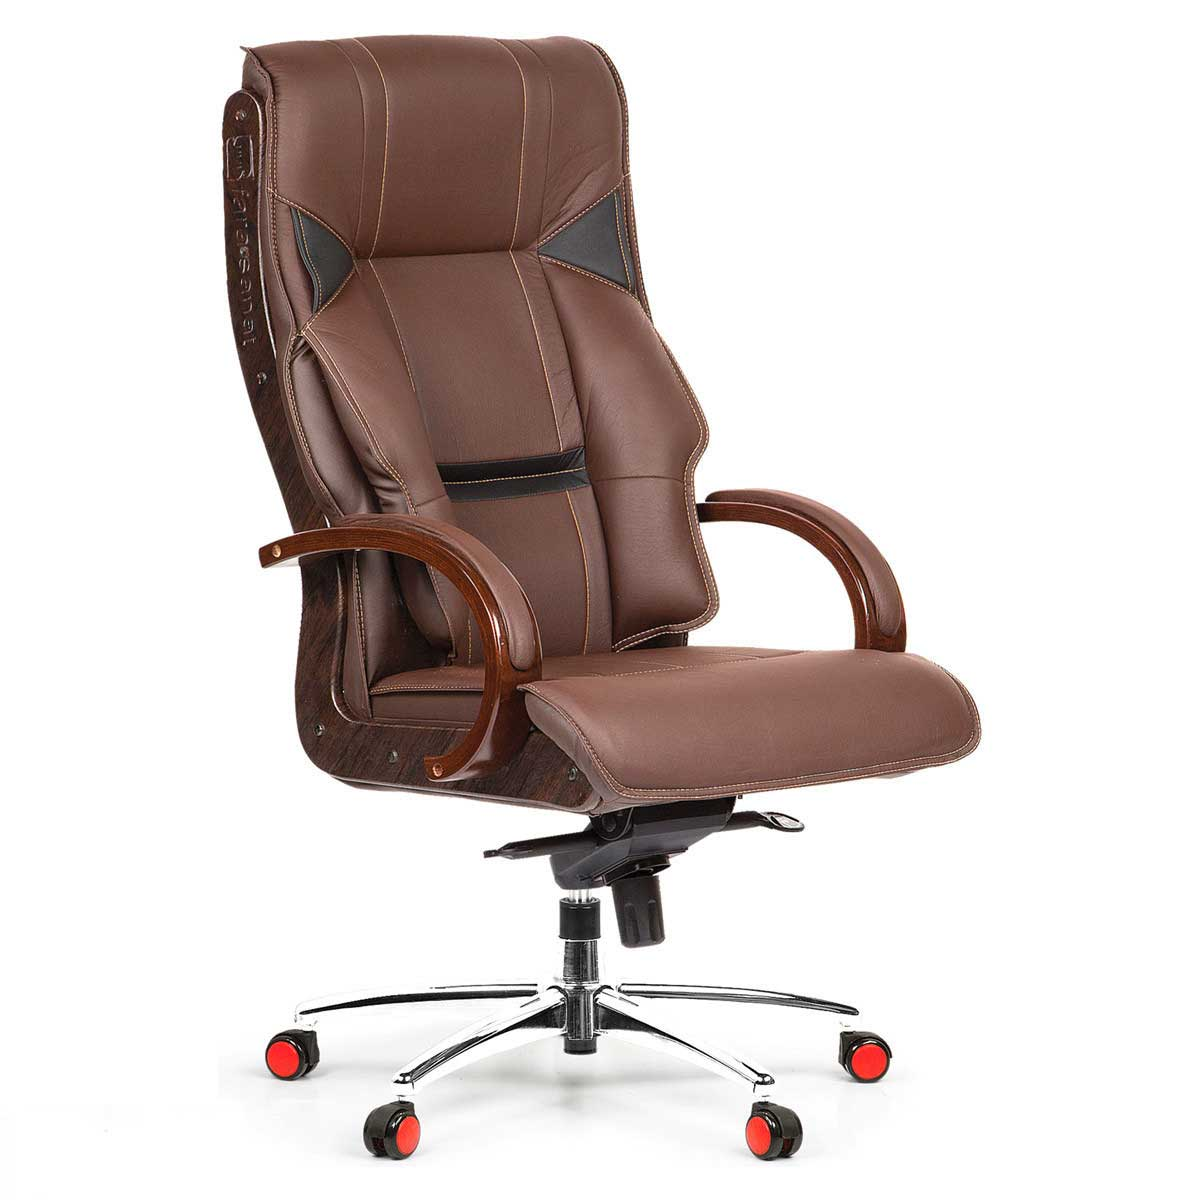 صندلی مدیریتی فراصنعت کدFM3000